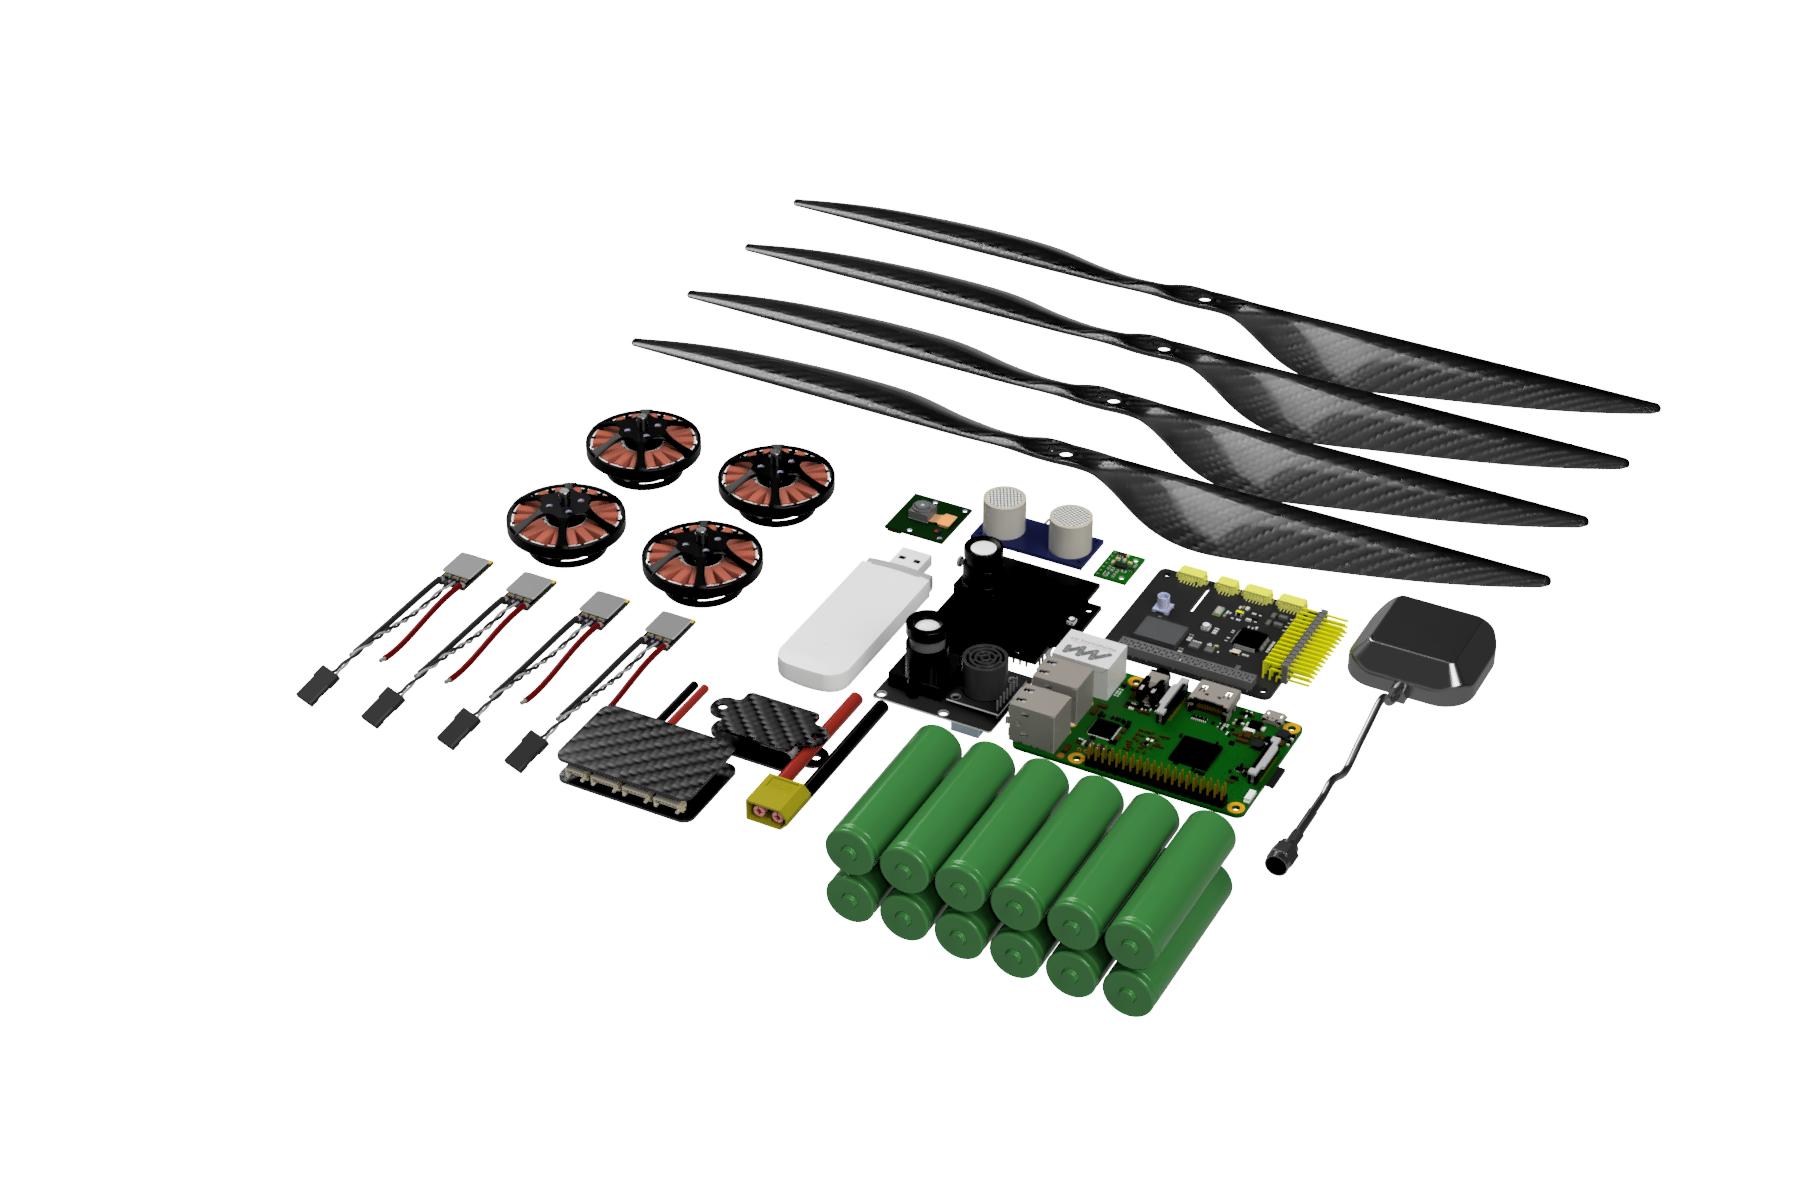 DIY автономный дрон с управлением через интернет - 11